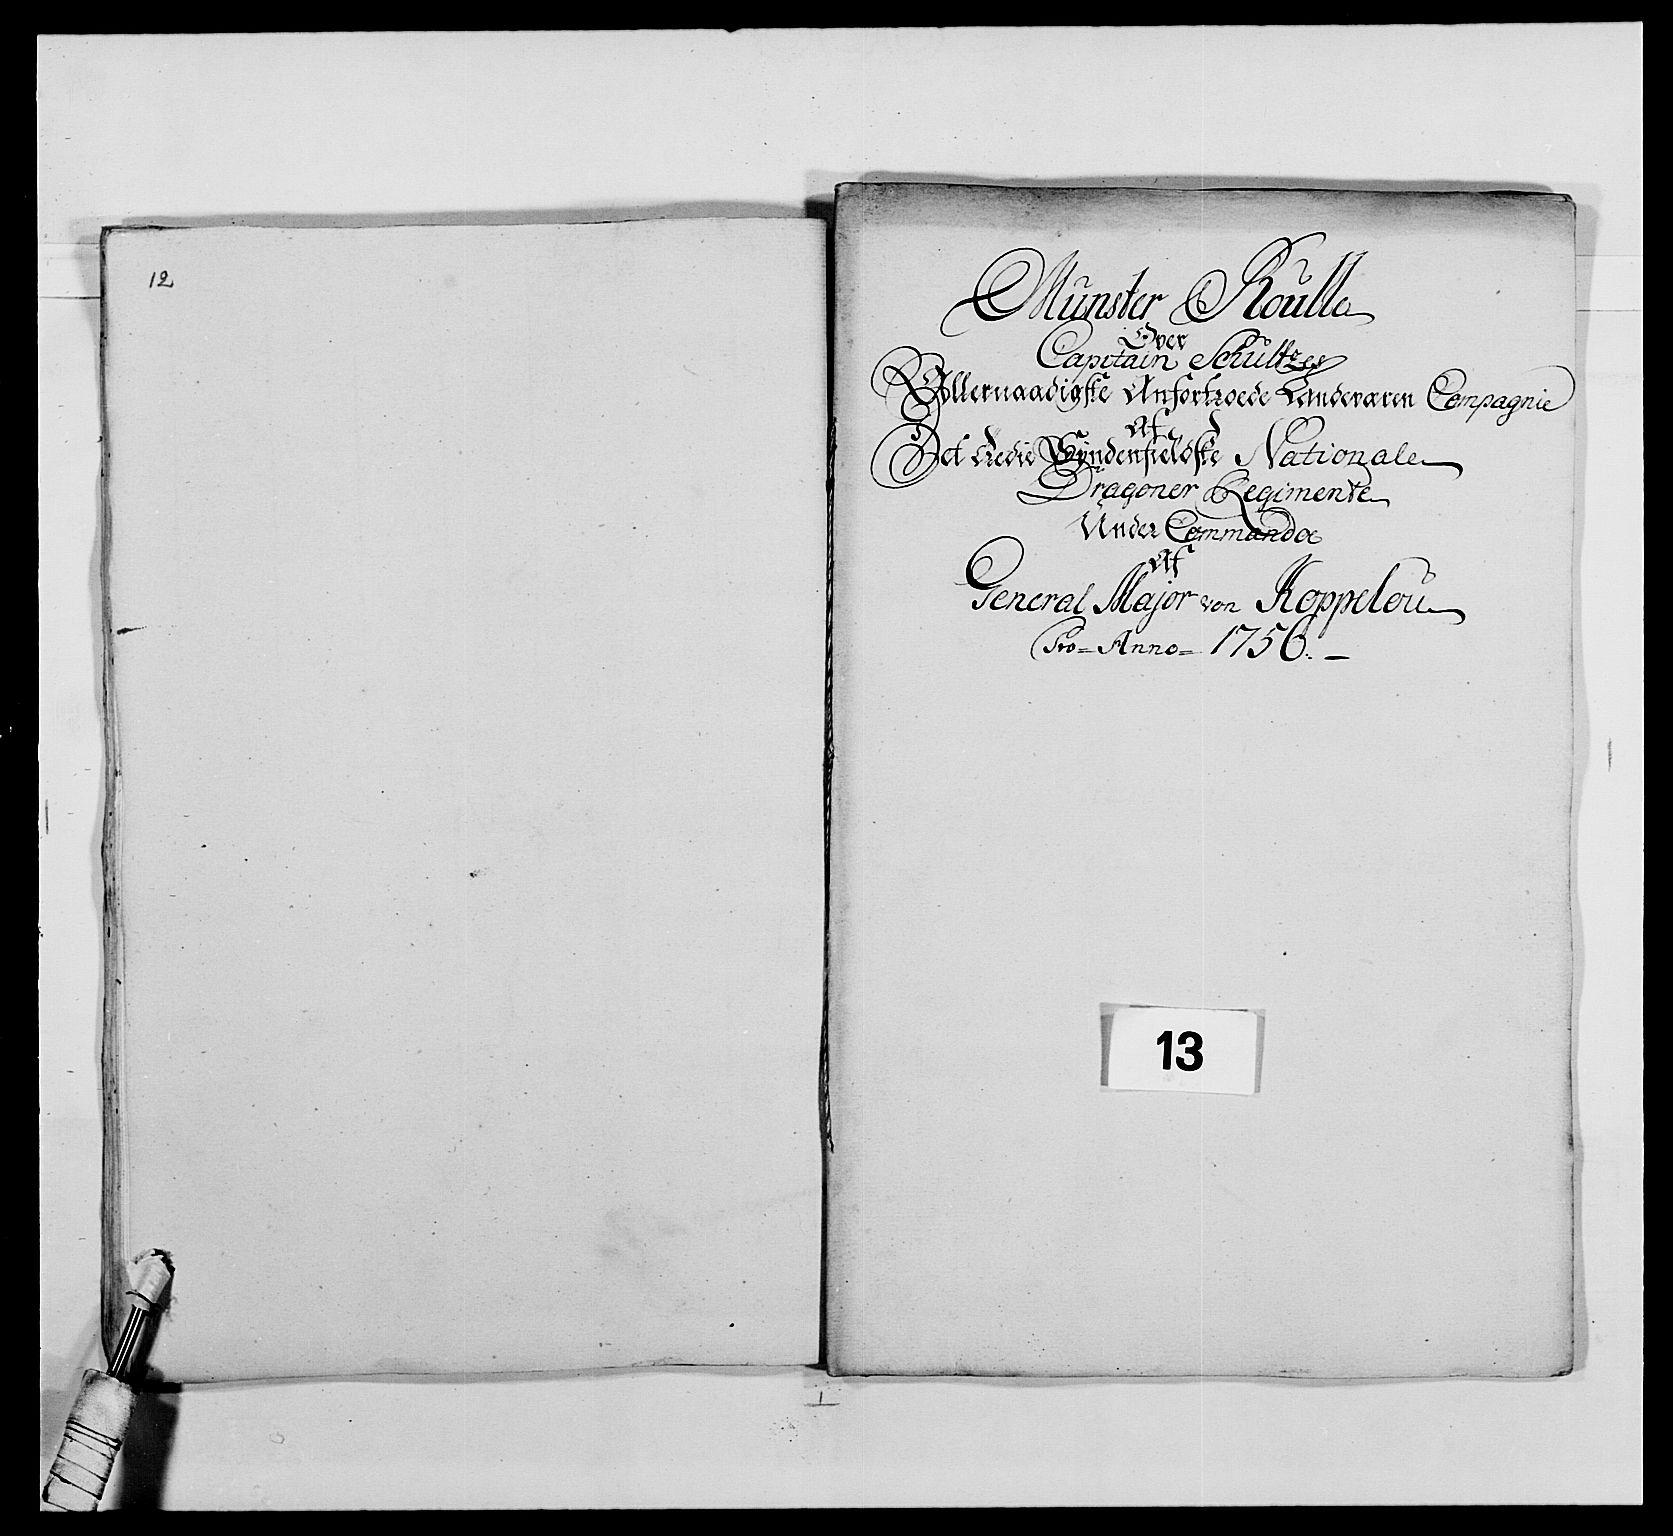 RA, Kommanderende general (KG I) med Det norske krigsdirektorium, E/Ea/L0479: 3. Sønnafjelske dragonregiment, 1756-1760, s. 241